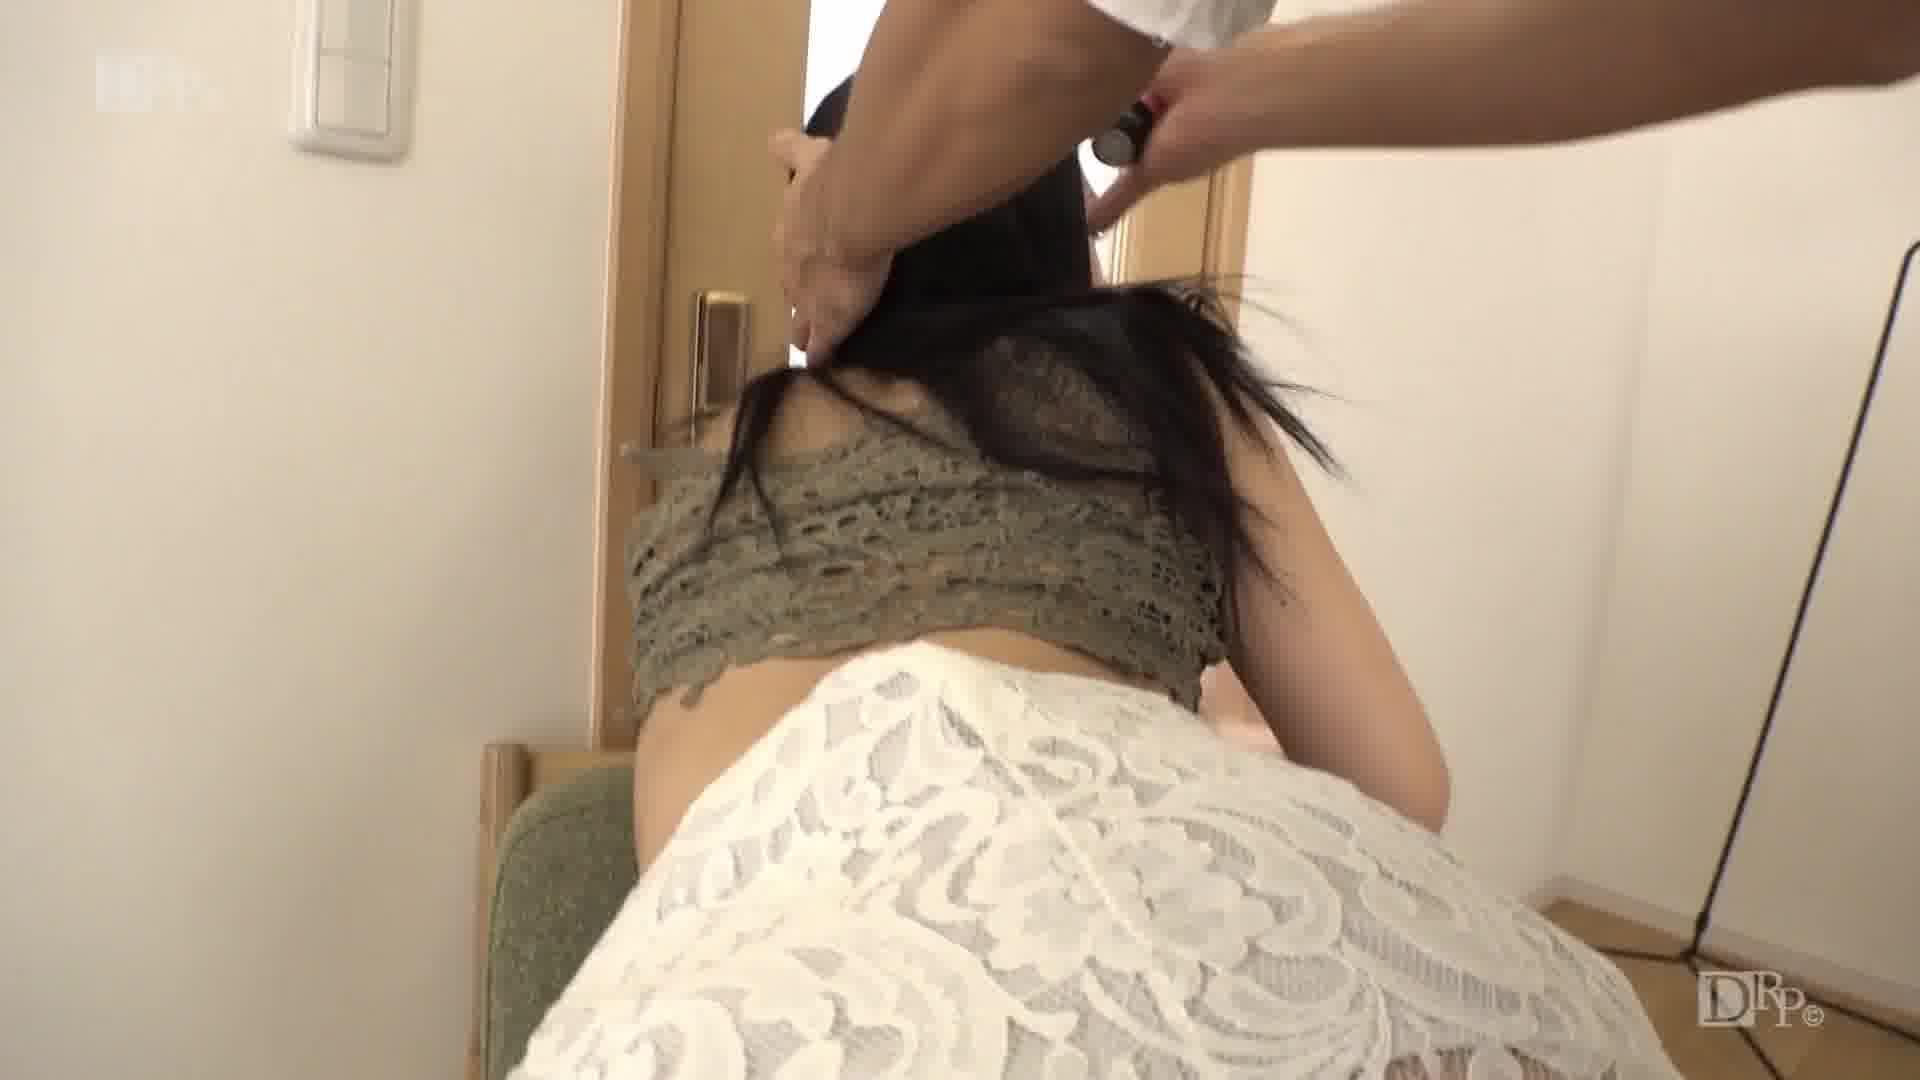 黒木澪がぼくのお嫁さん - 黒木澪【美乳・クンニ・中出し】